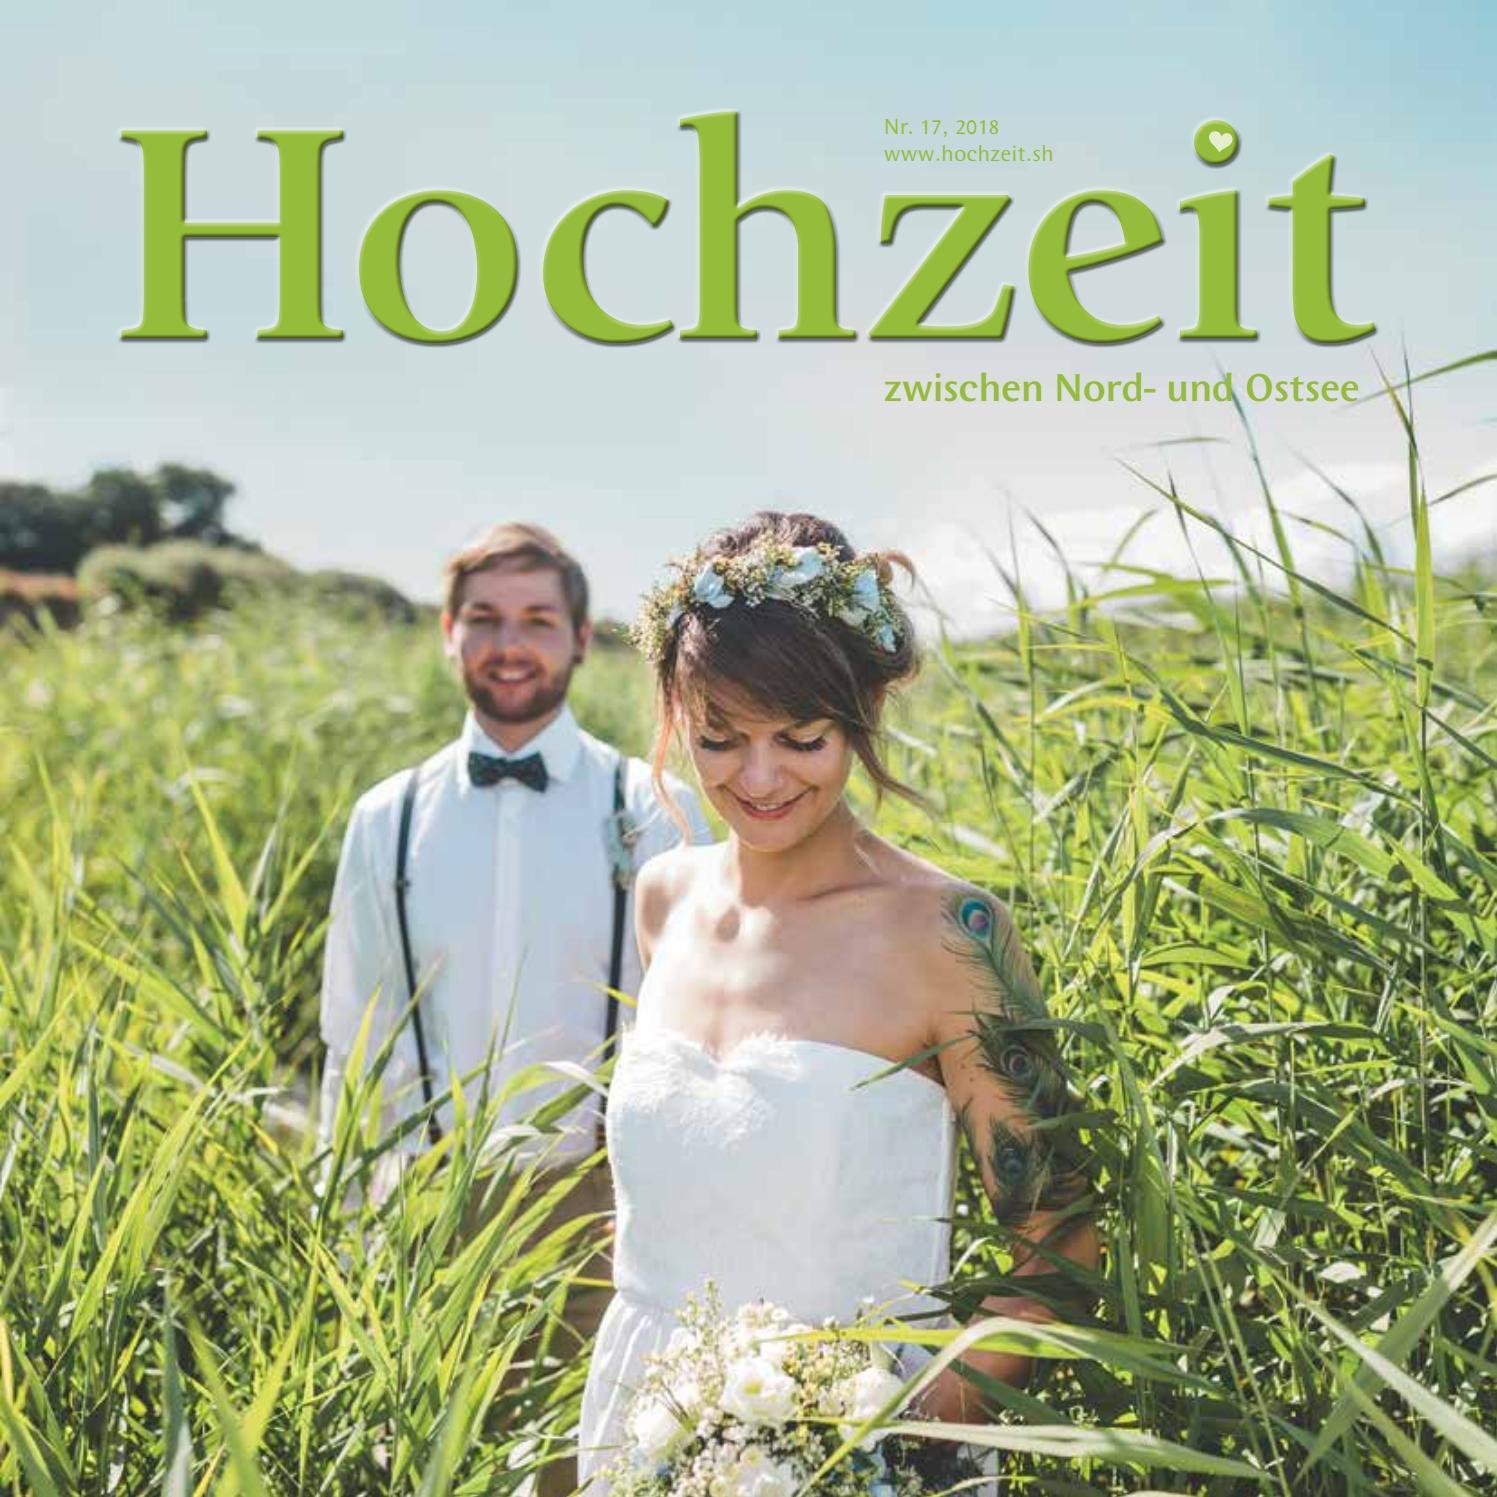 Hochzeit zwischen Nord- und Ostsee by Rönne Verlag - issuu